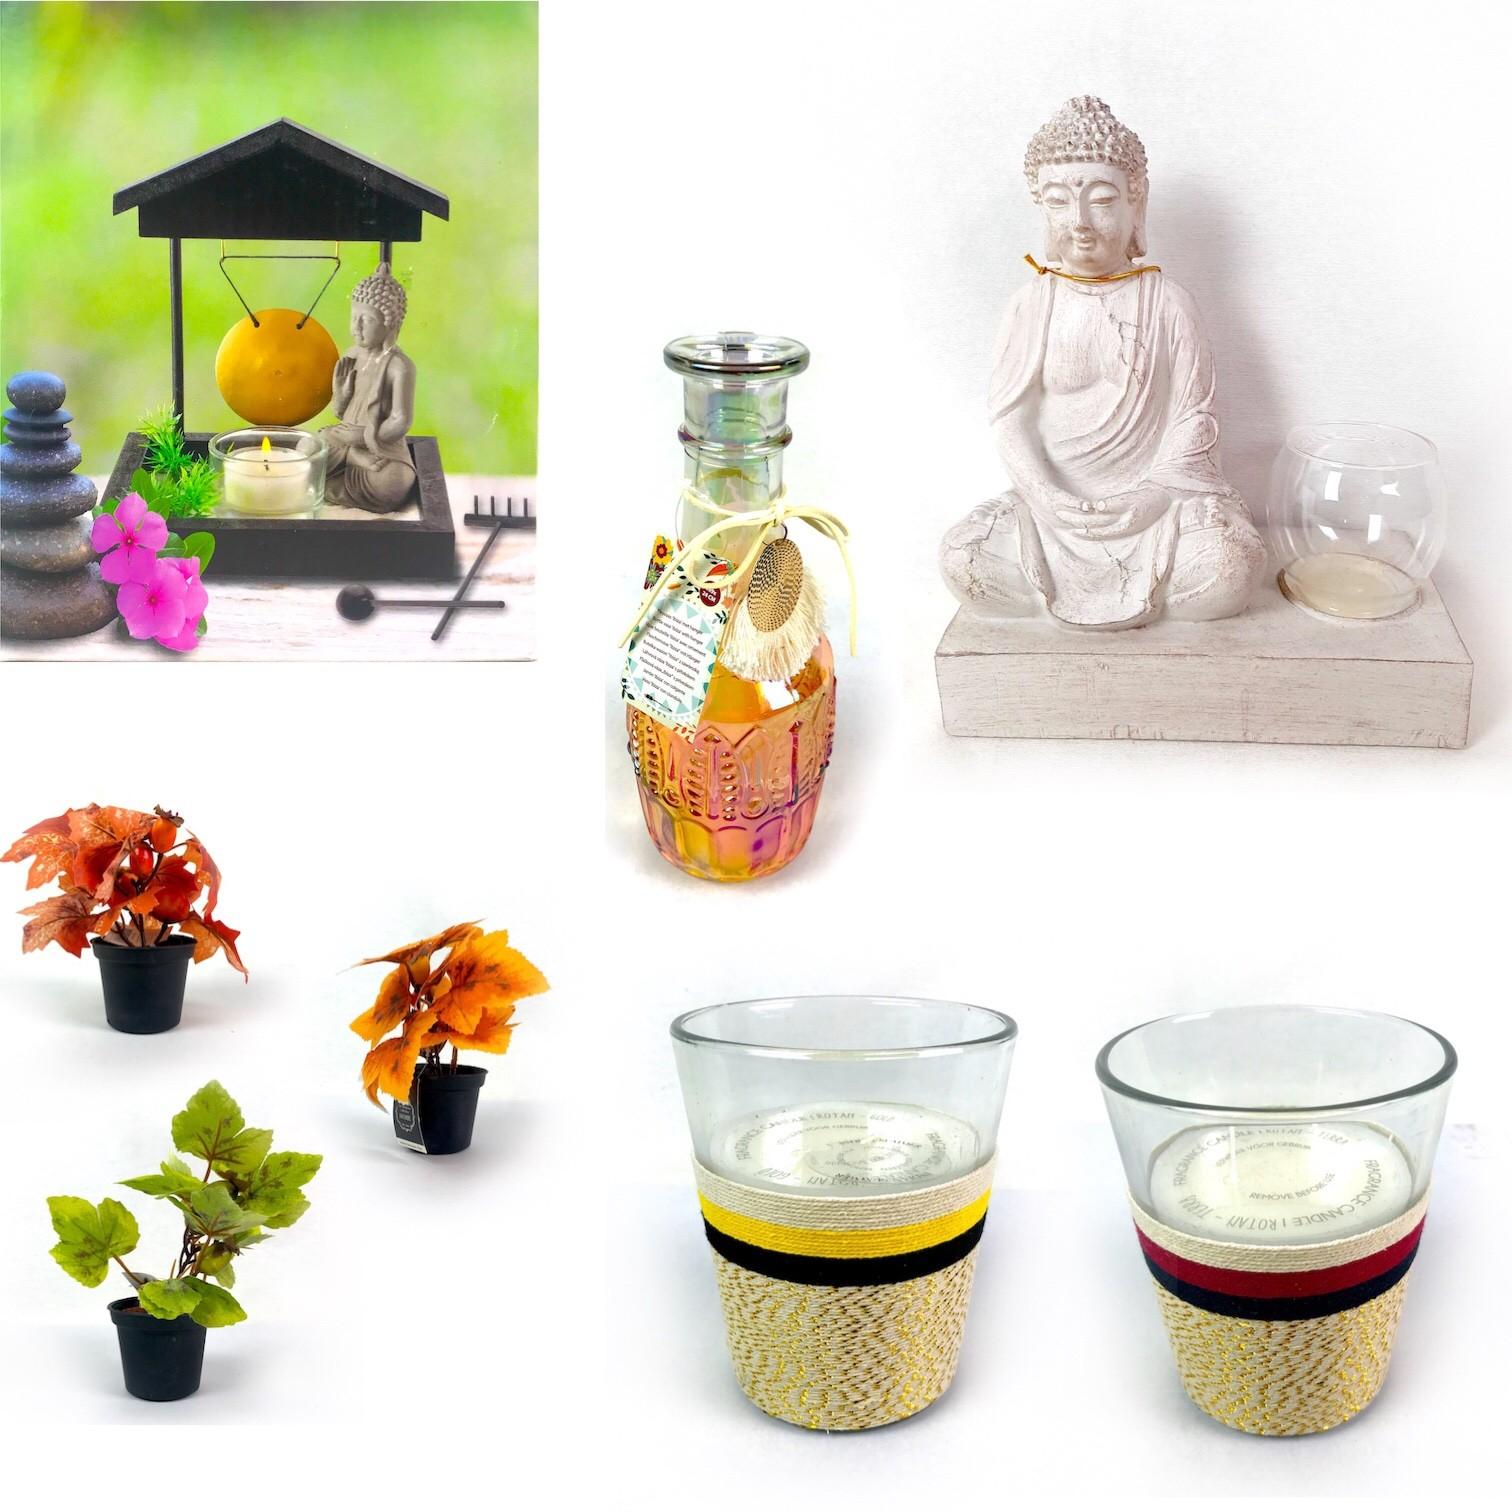 Pallet of Buddha Statues, Speech Bubble Light Boxes, Candles, Wall Deco & More Est. Original Retail €7,473, Vilnius, LT